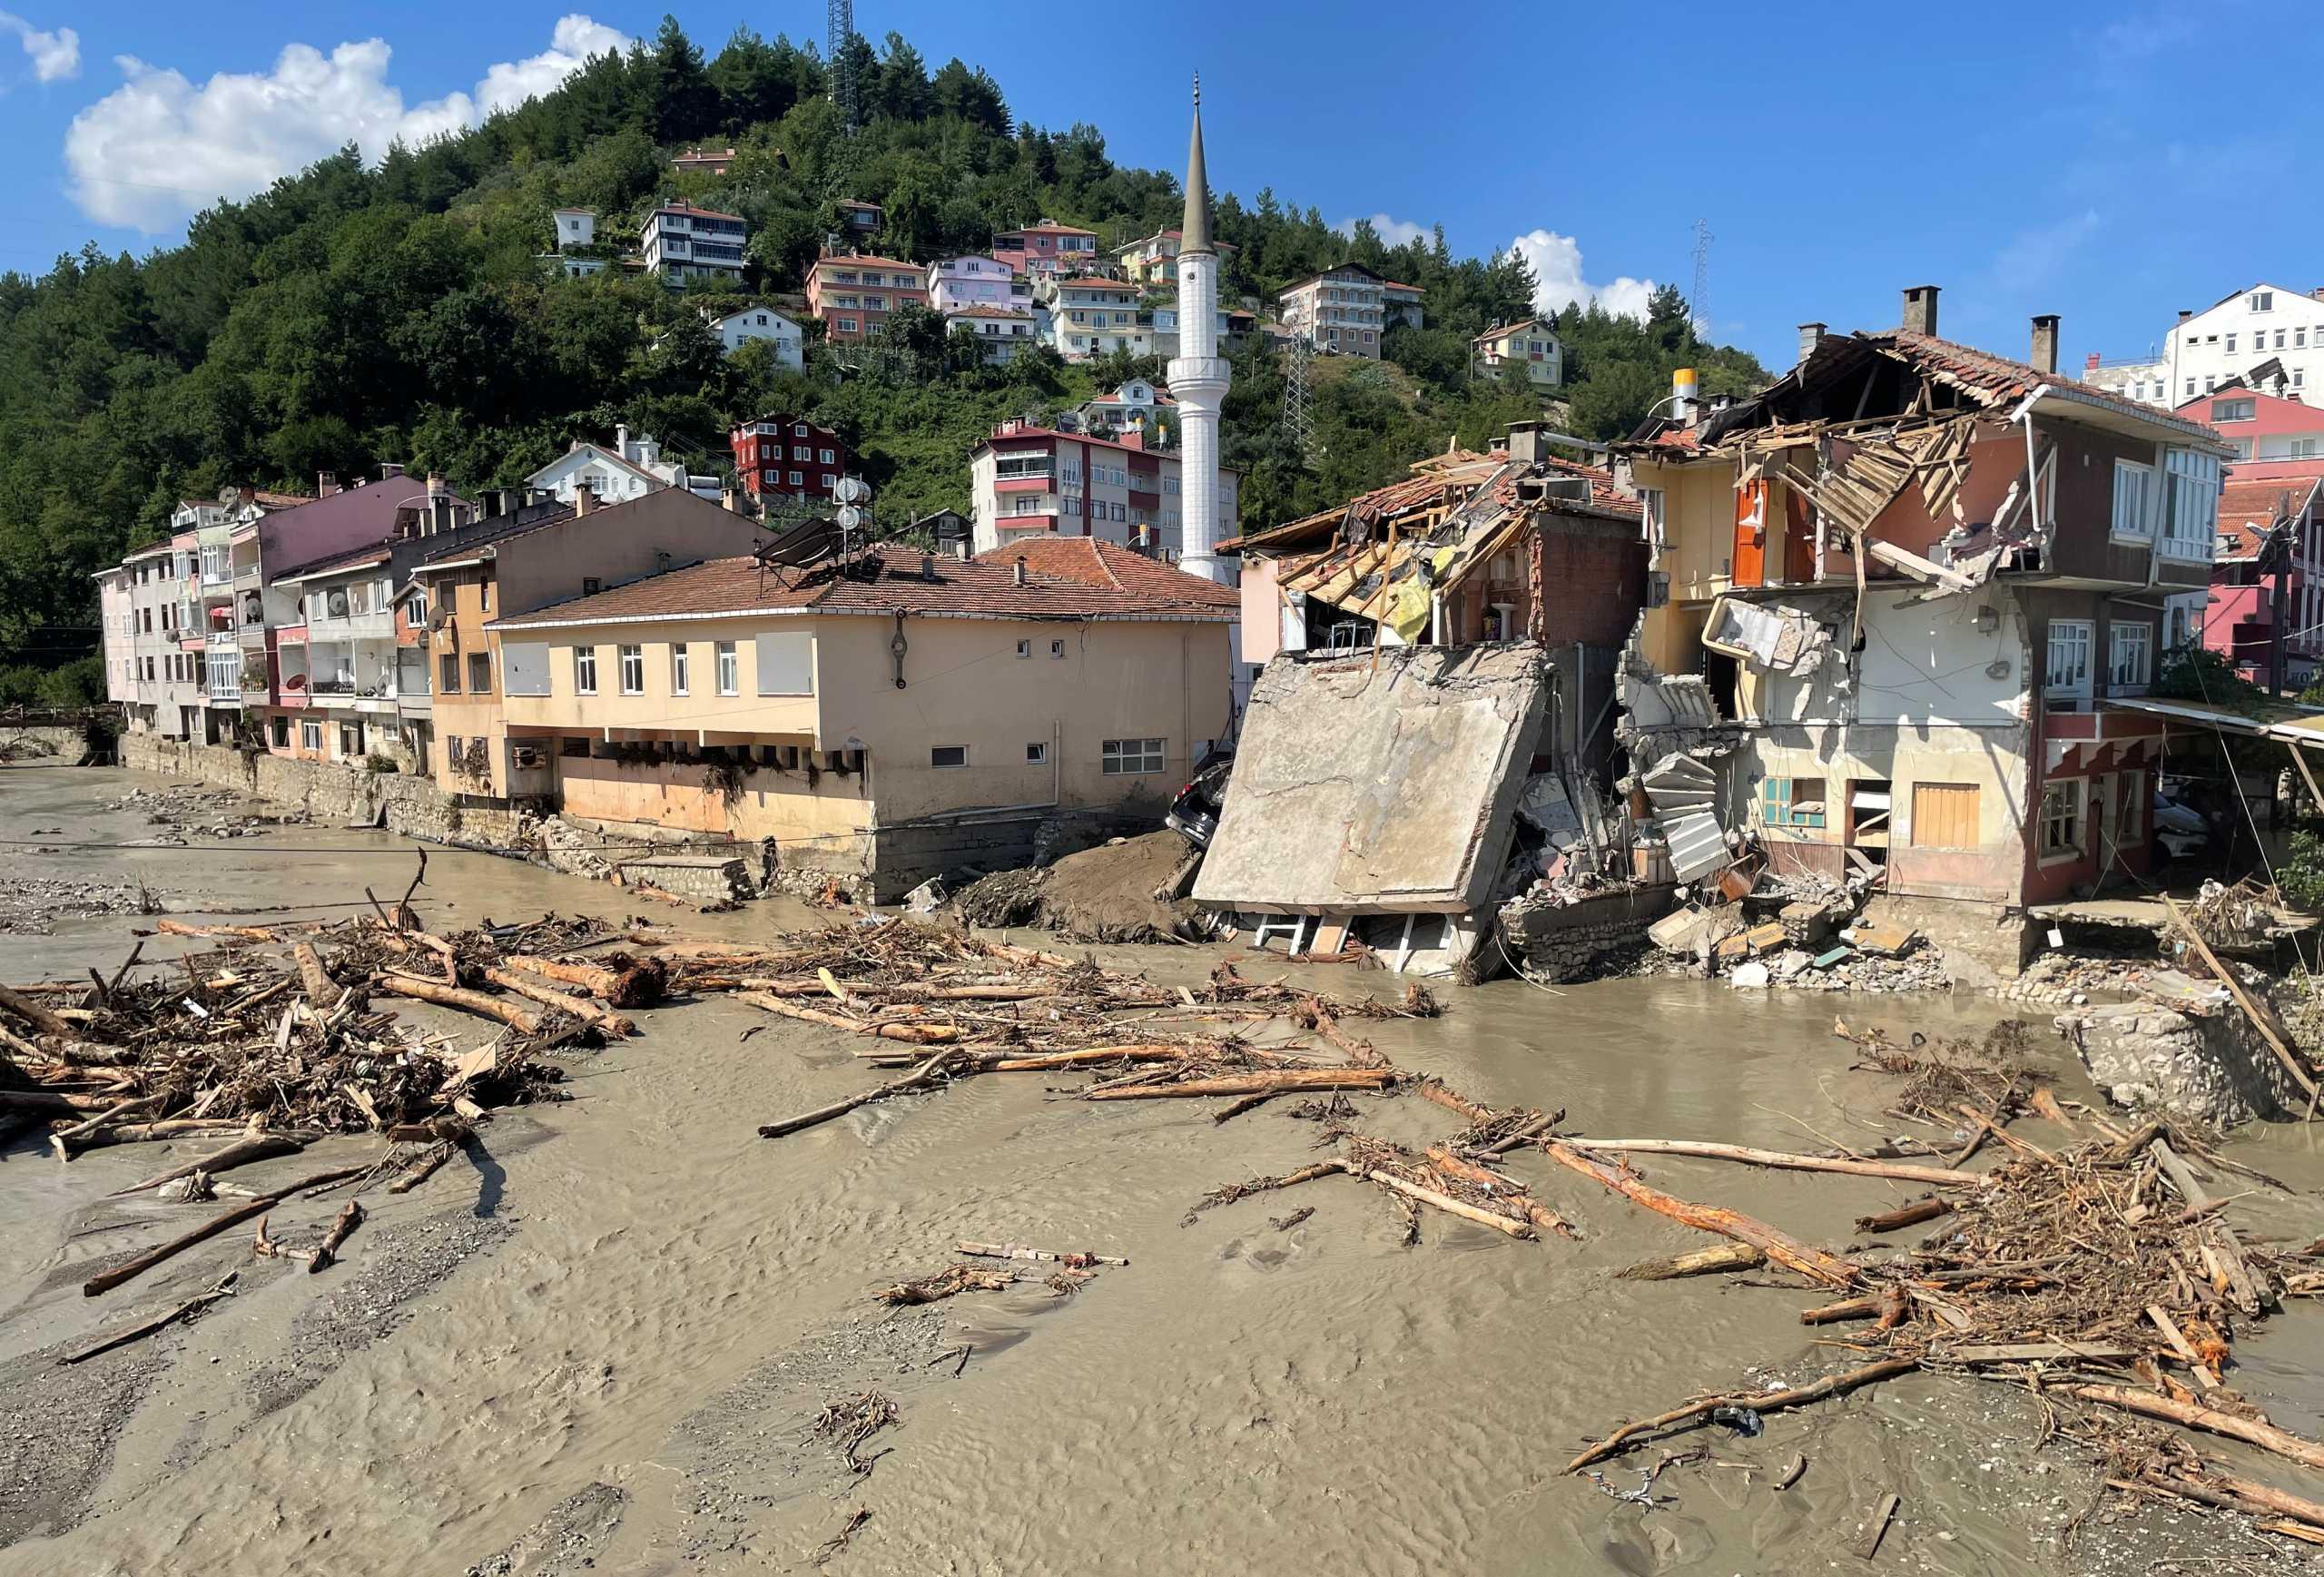 Τουρκία: Στους 70 οι νεκροί από τις φονικές πλημμύρες – Δεκάδες οι αγνοούμενοι